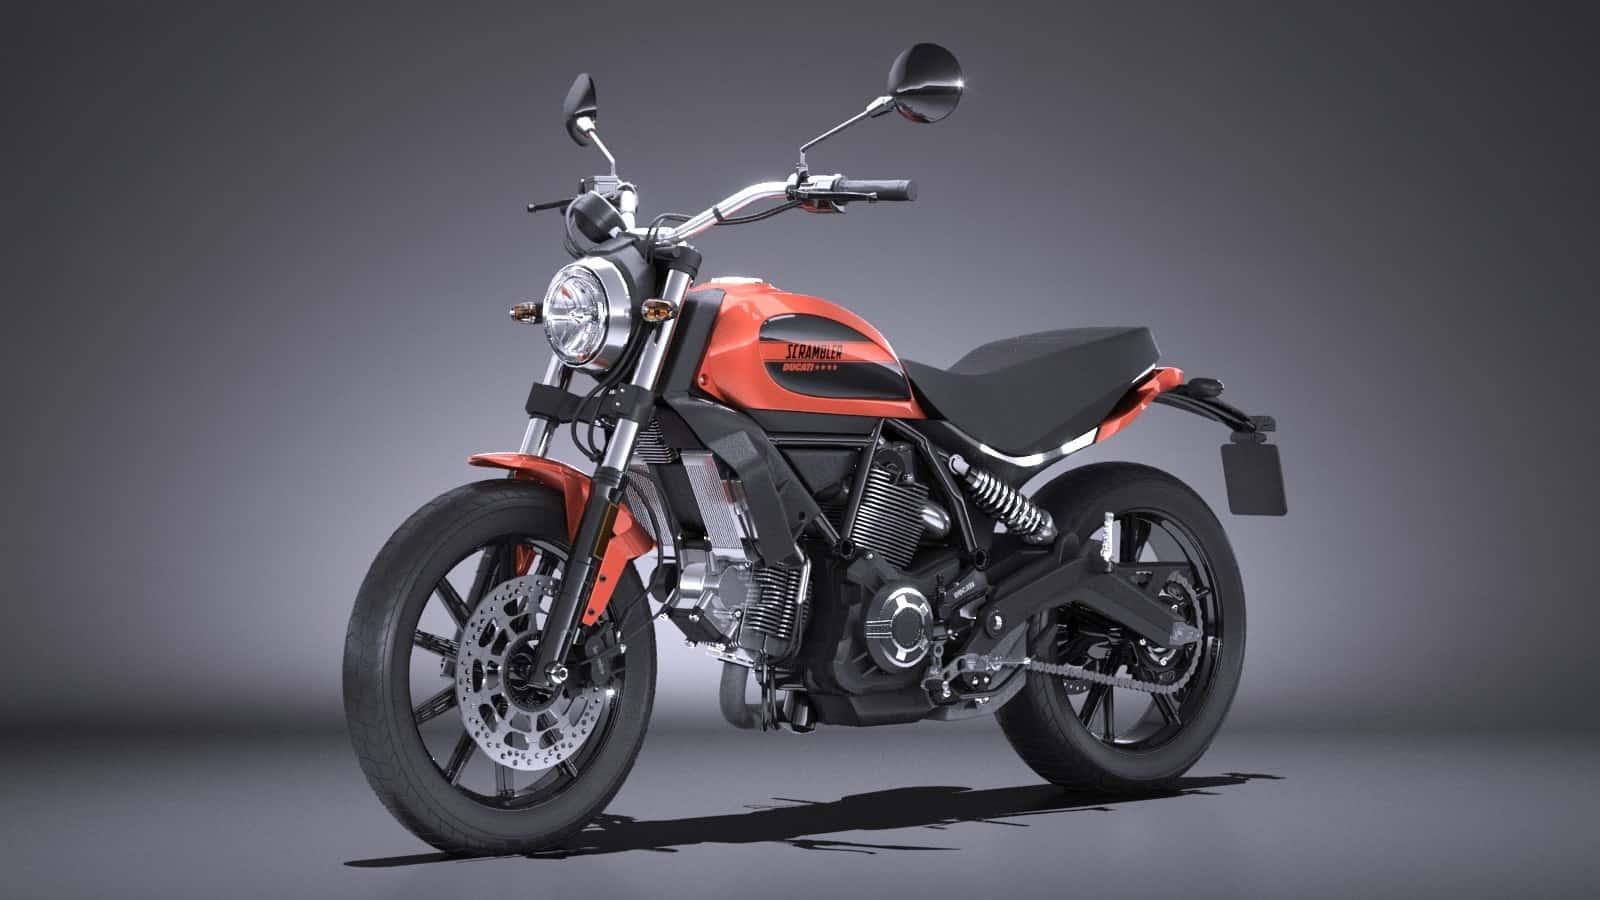 Ducati Scrambler Sixty 2 – commuter motorcycle